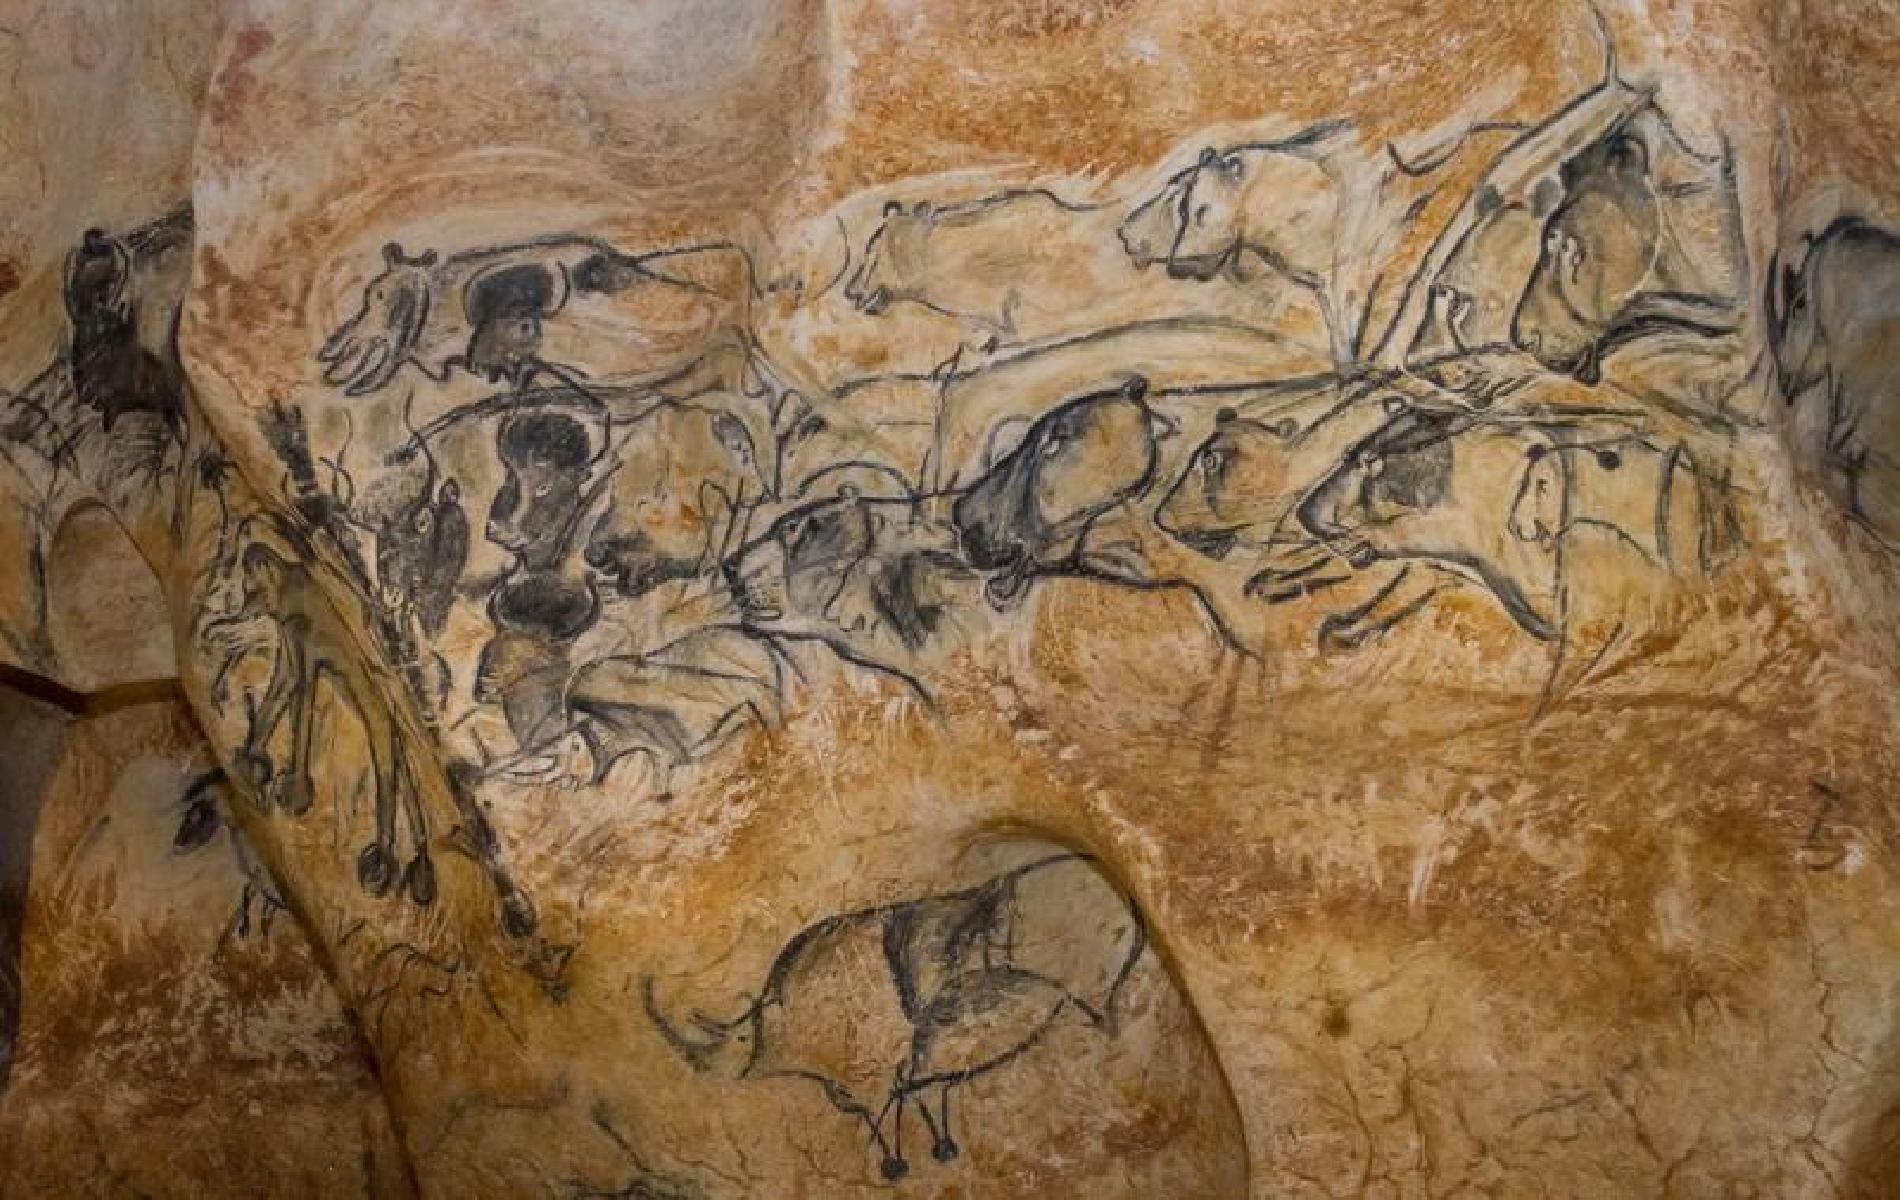 Grotte chauvet à Vallon Pont d'Arc